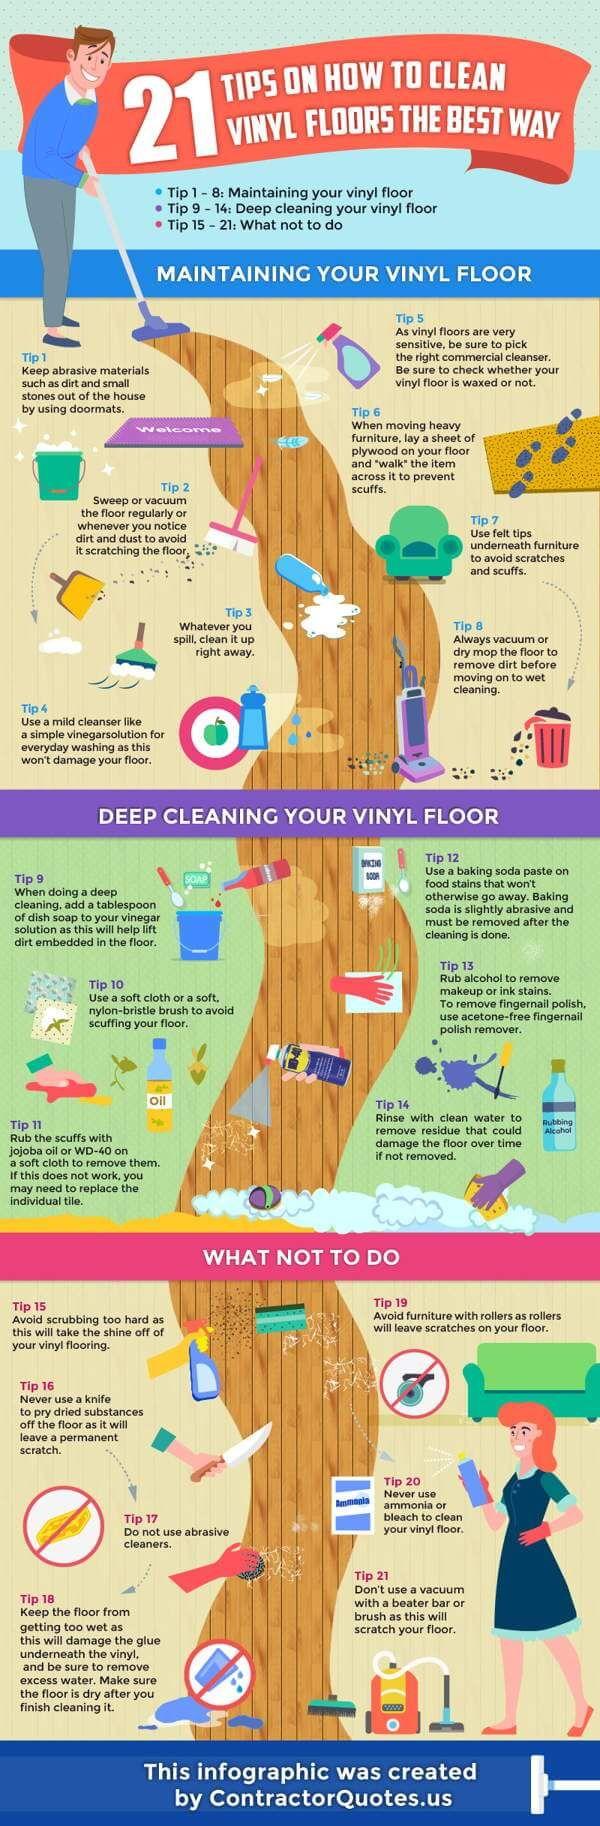 Consejos para limpiar los suelos de vinilo de su hogar _infografía